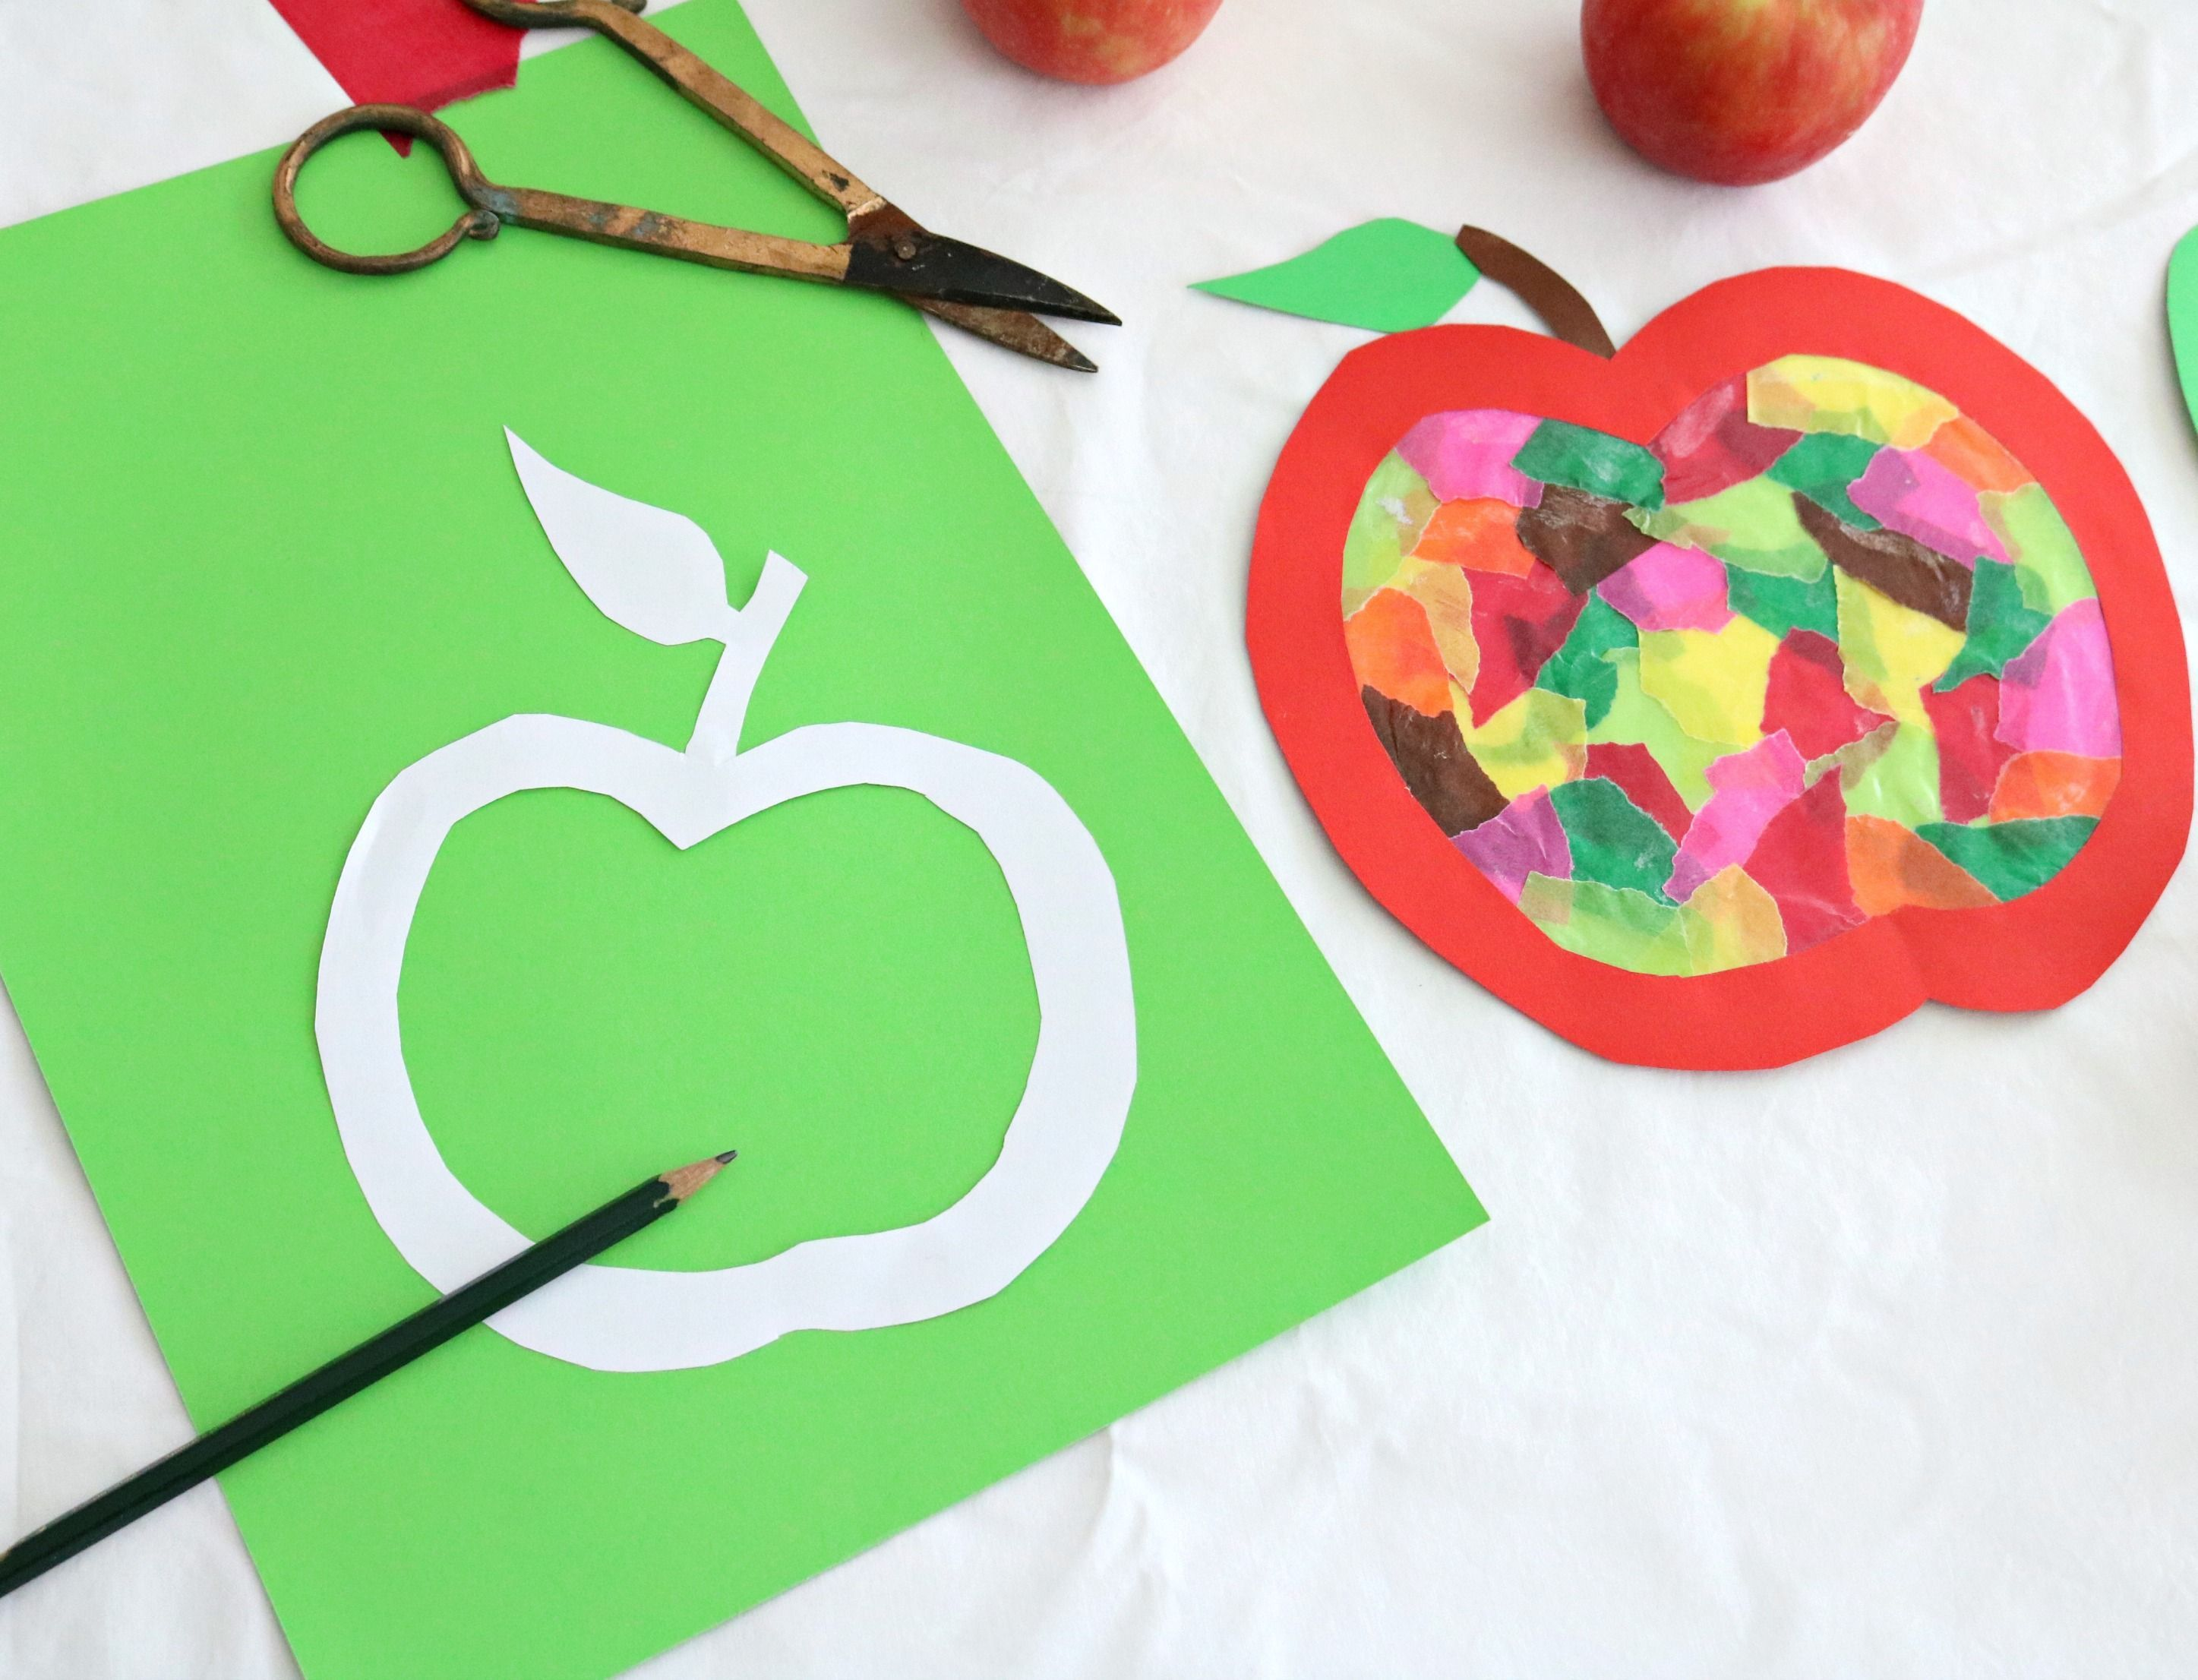 Diy Kids Basteln Im Herbst Apfelfensterbild Herbstdekofensterkinder Diy Kids Bast Basteln Herbst Basteln Mit Transparentpapier Basteln Mit Kindern Herbst